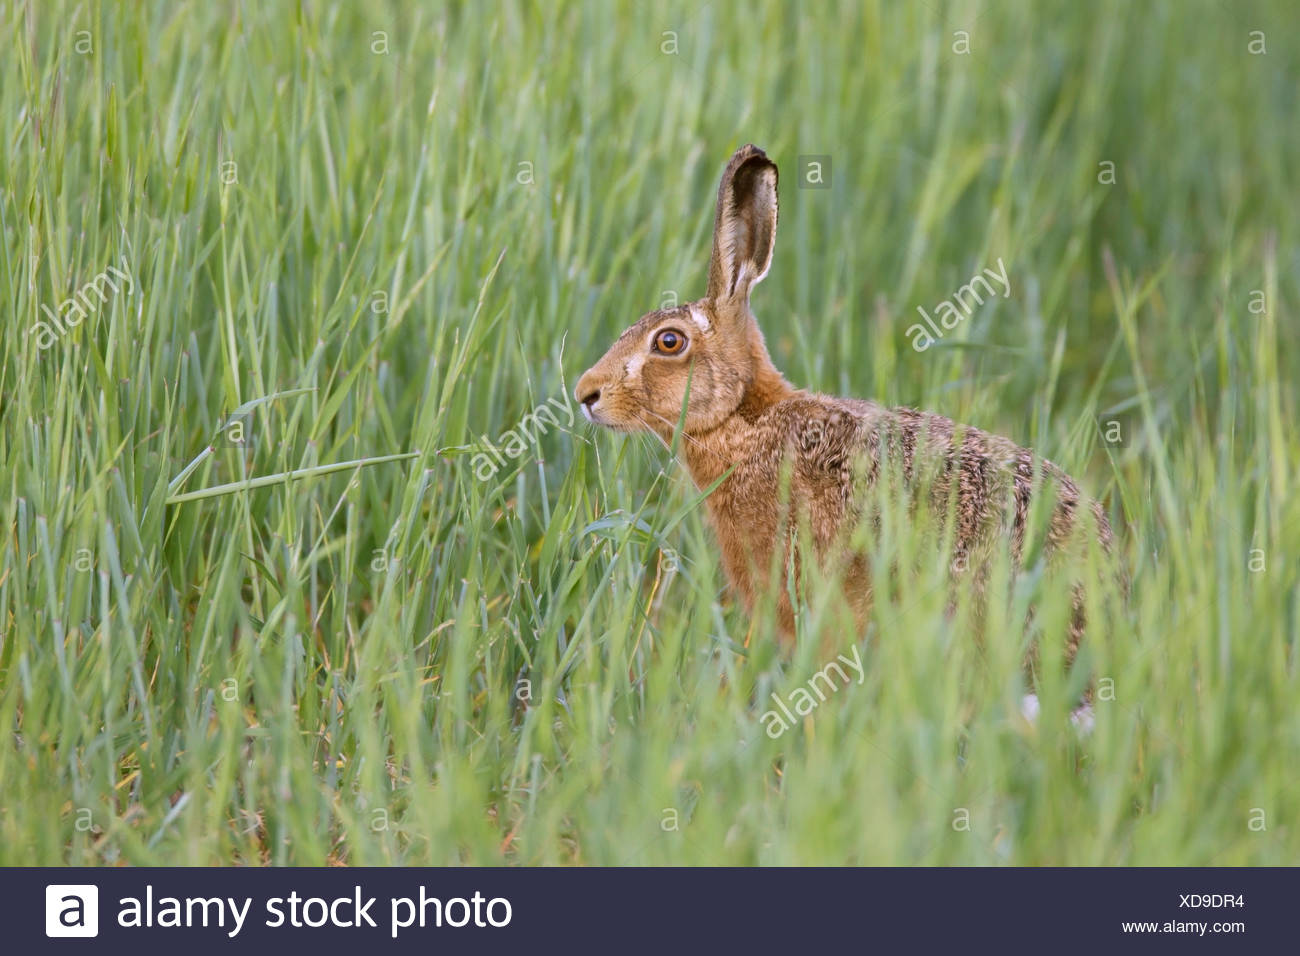 Lièvre brun (Lepus europaeus), alerte dans le champ de céréales, Suffolk, Angleterre, Royaume-Uni Photo Stock